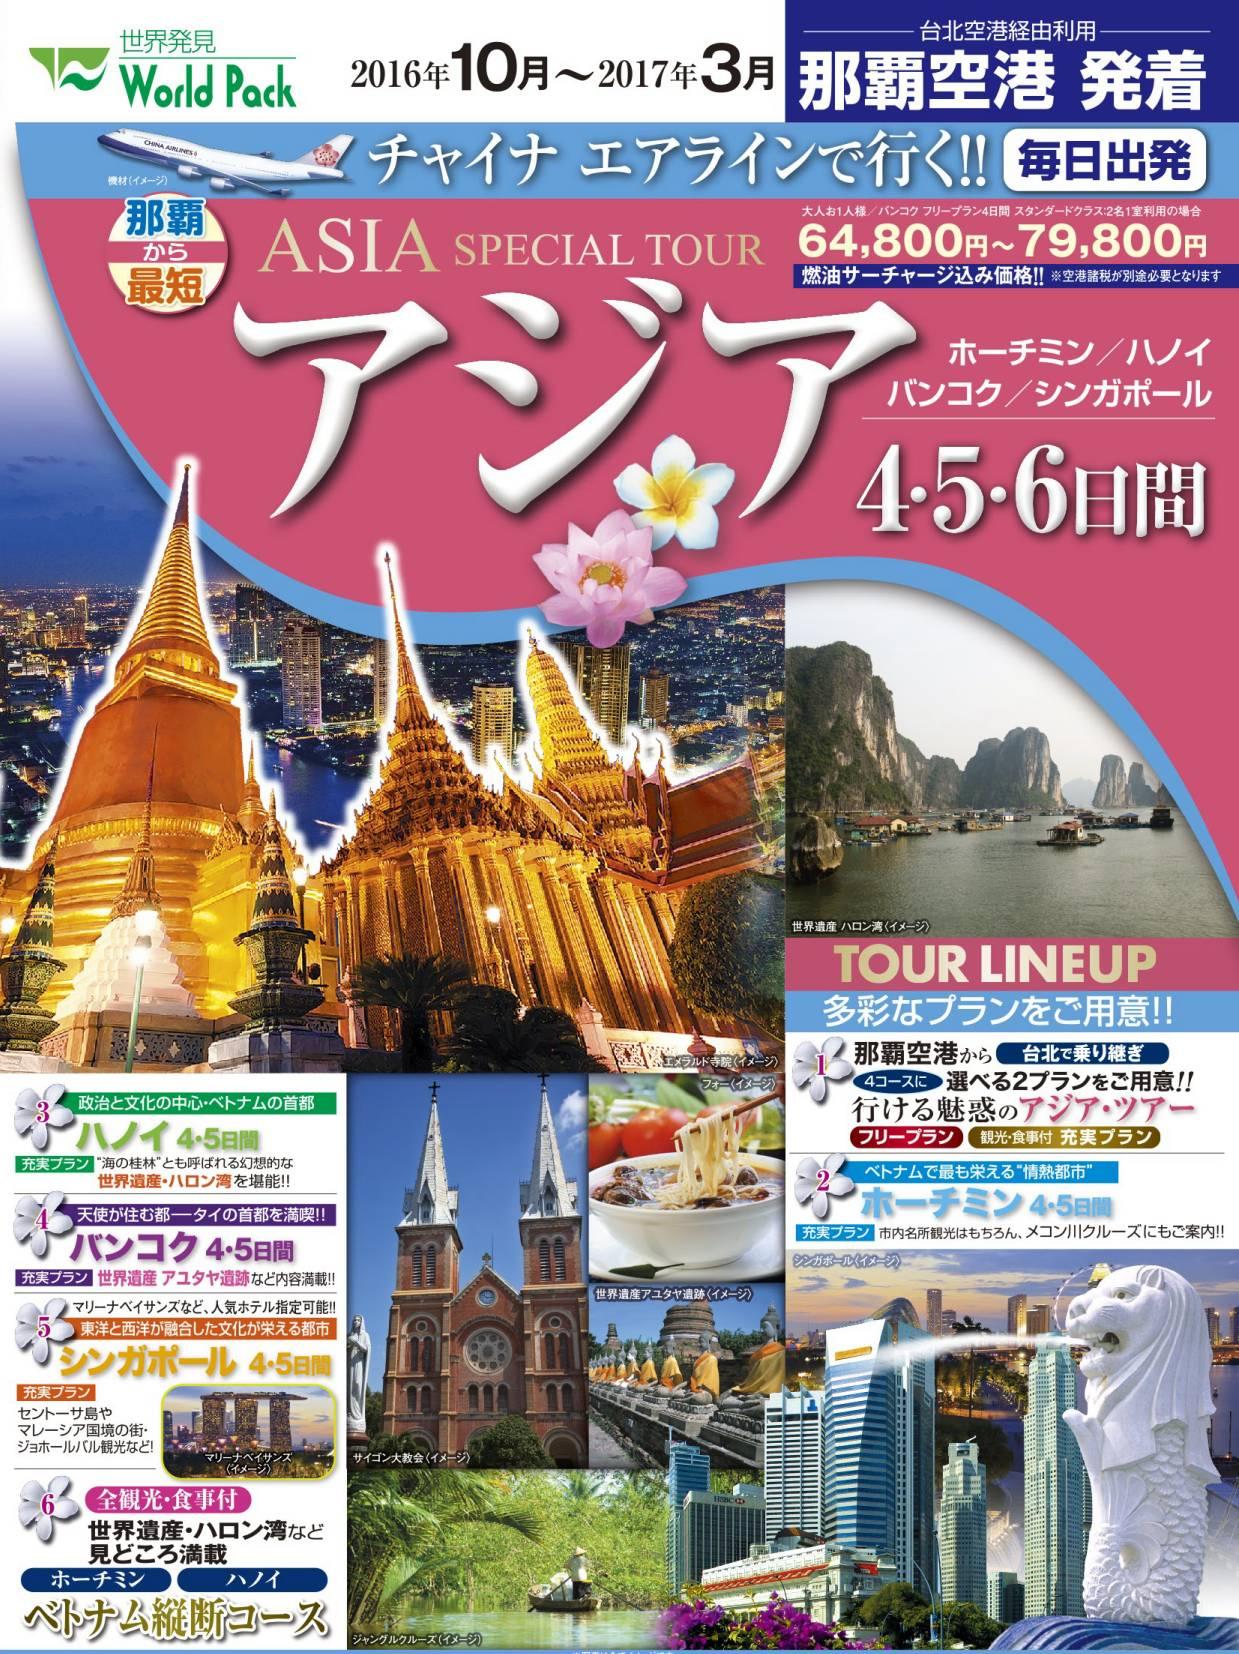 チャイナエアラインで行くアジア・ツアー 4・5・6日間 16年10月~17年3月|那覇発twv_asia-chaina16_10-03_01